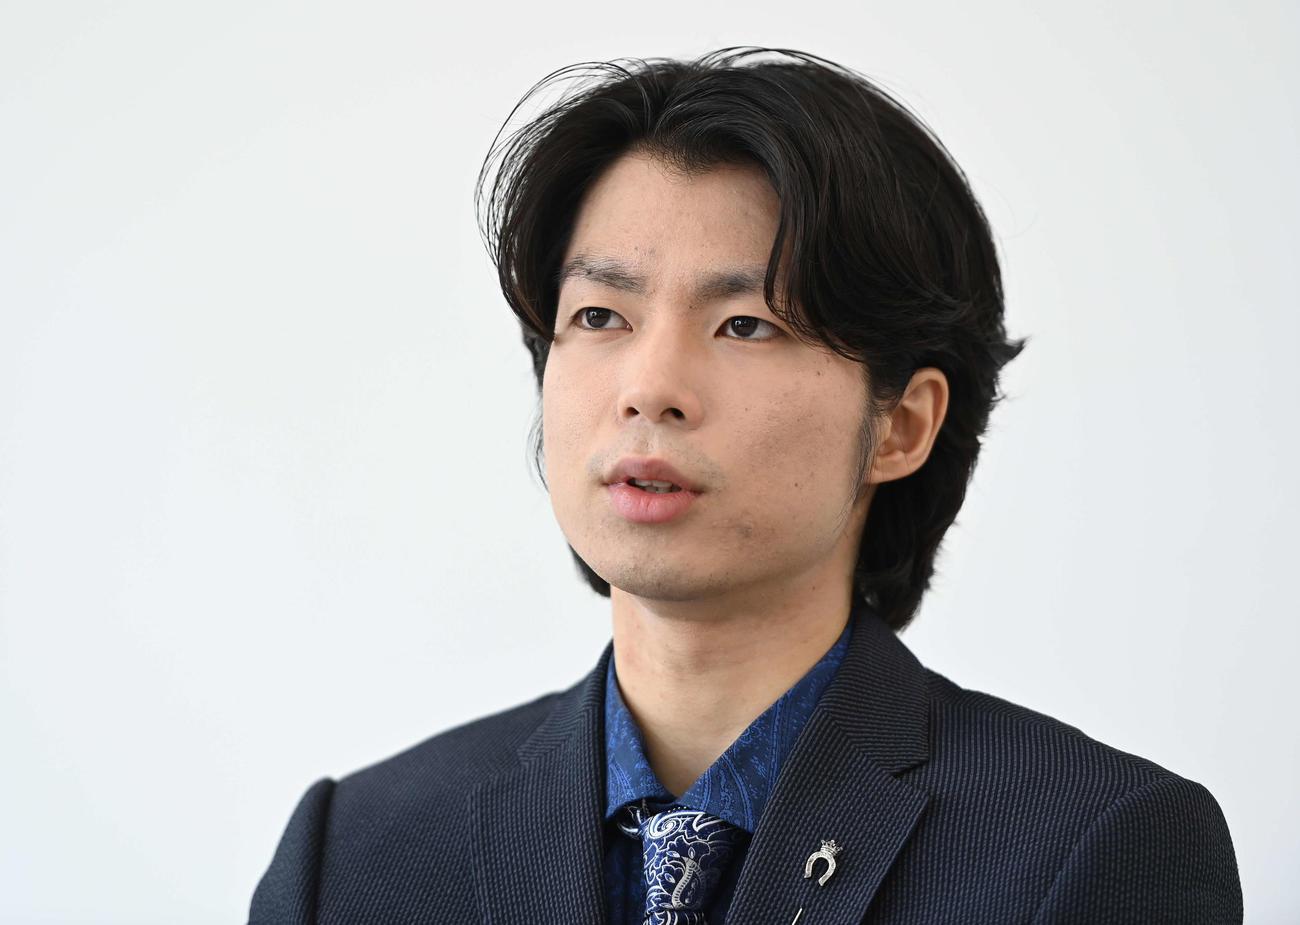 インタビューを受ける町田樹氏(撮影・鈴木みどり)